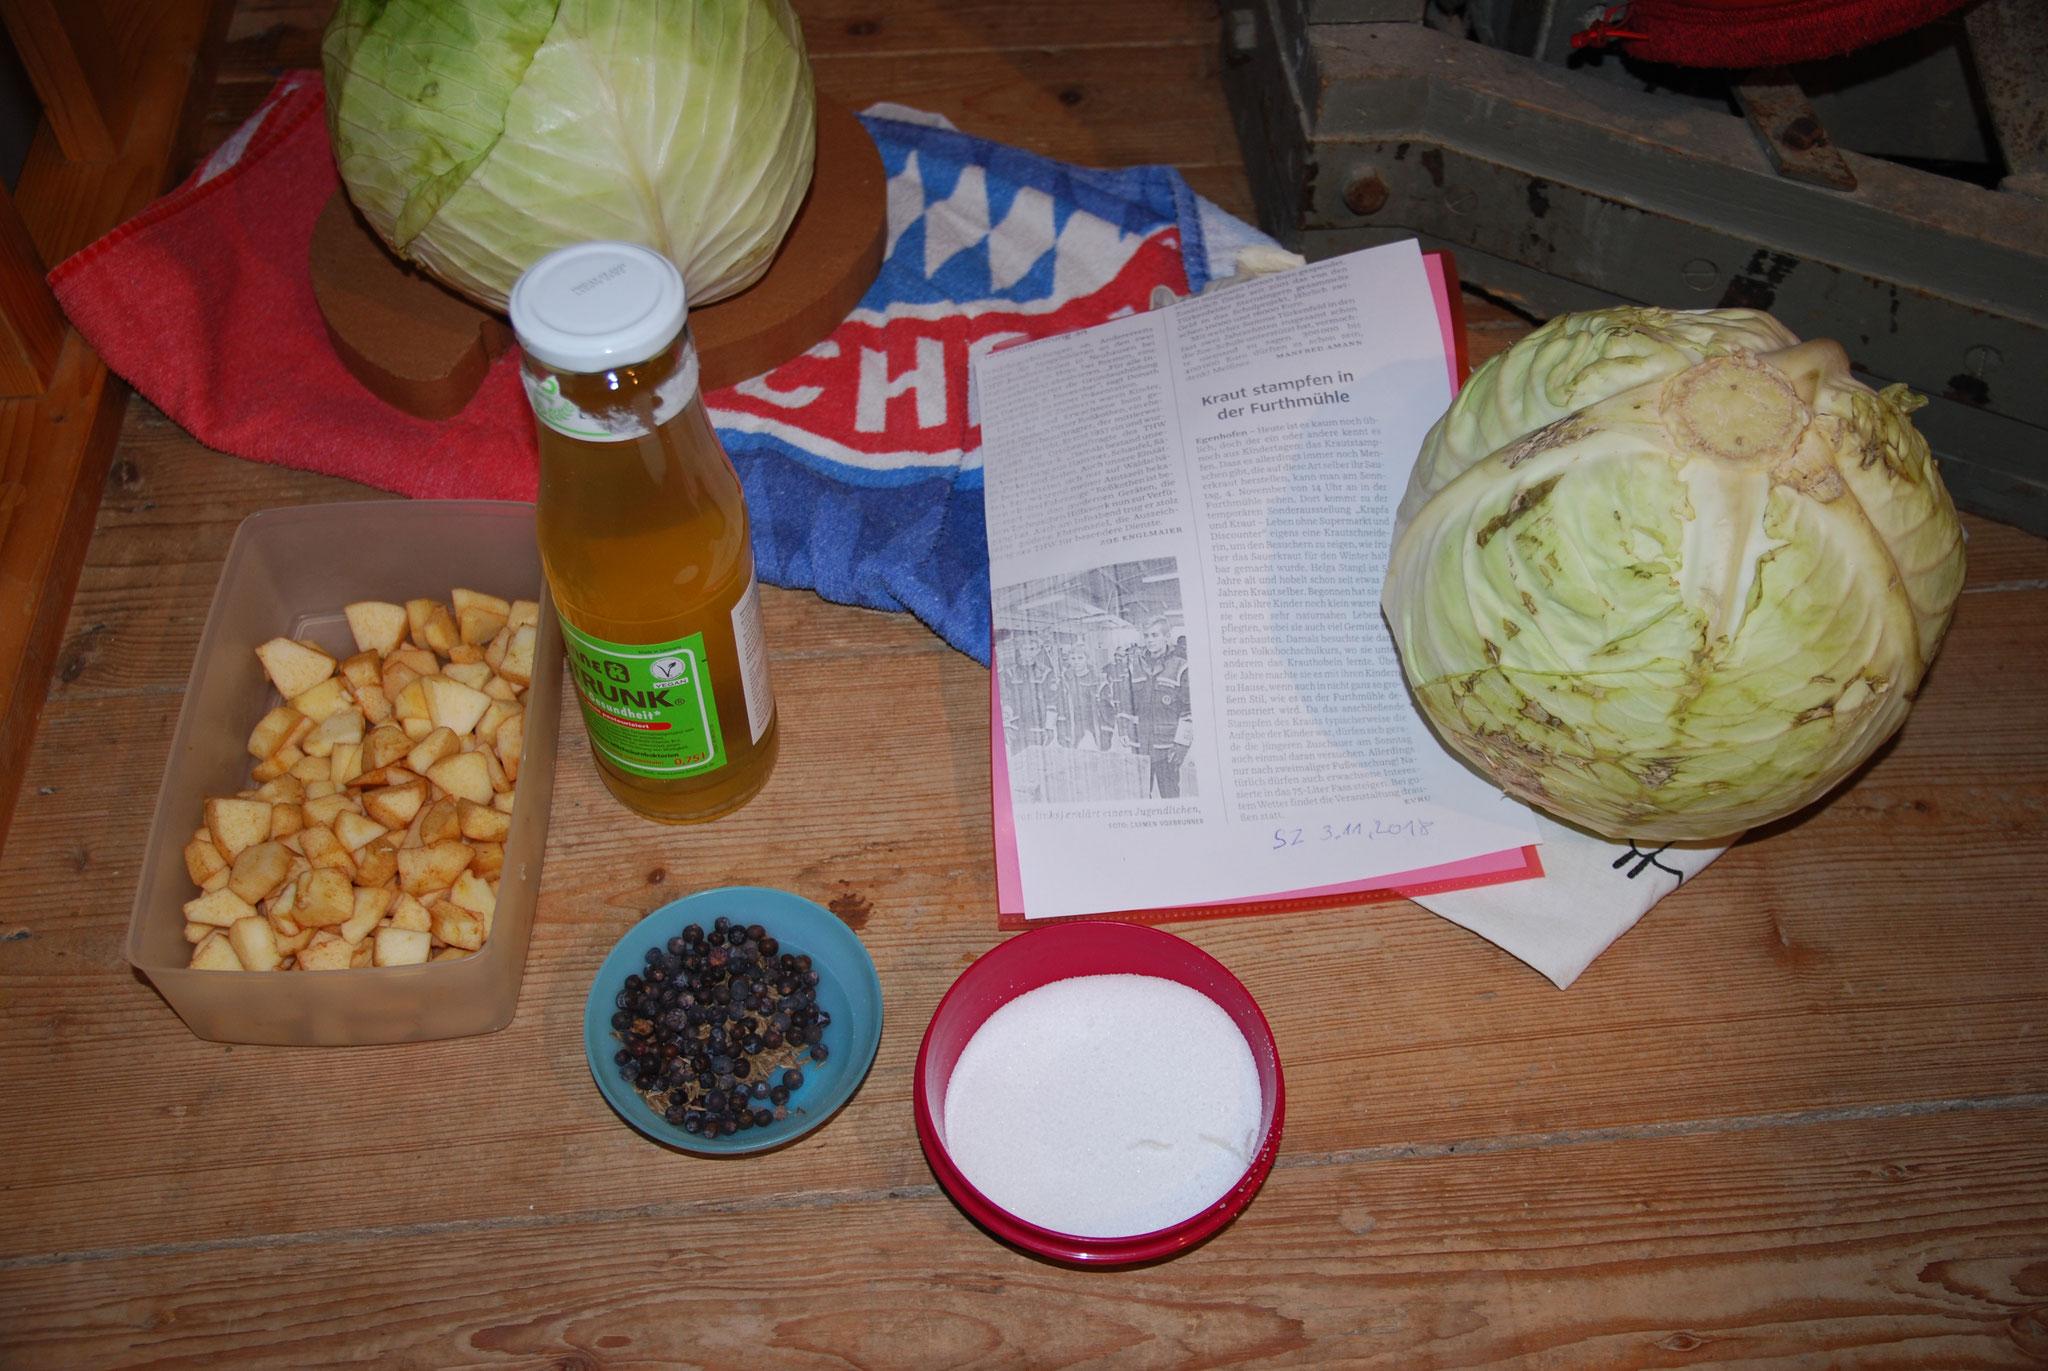 Utensilien für das Stampfen von Sauerkraut